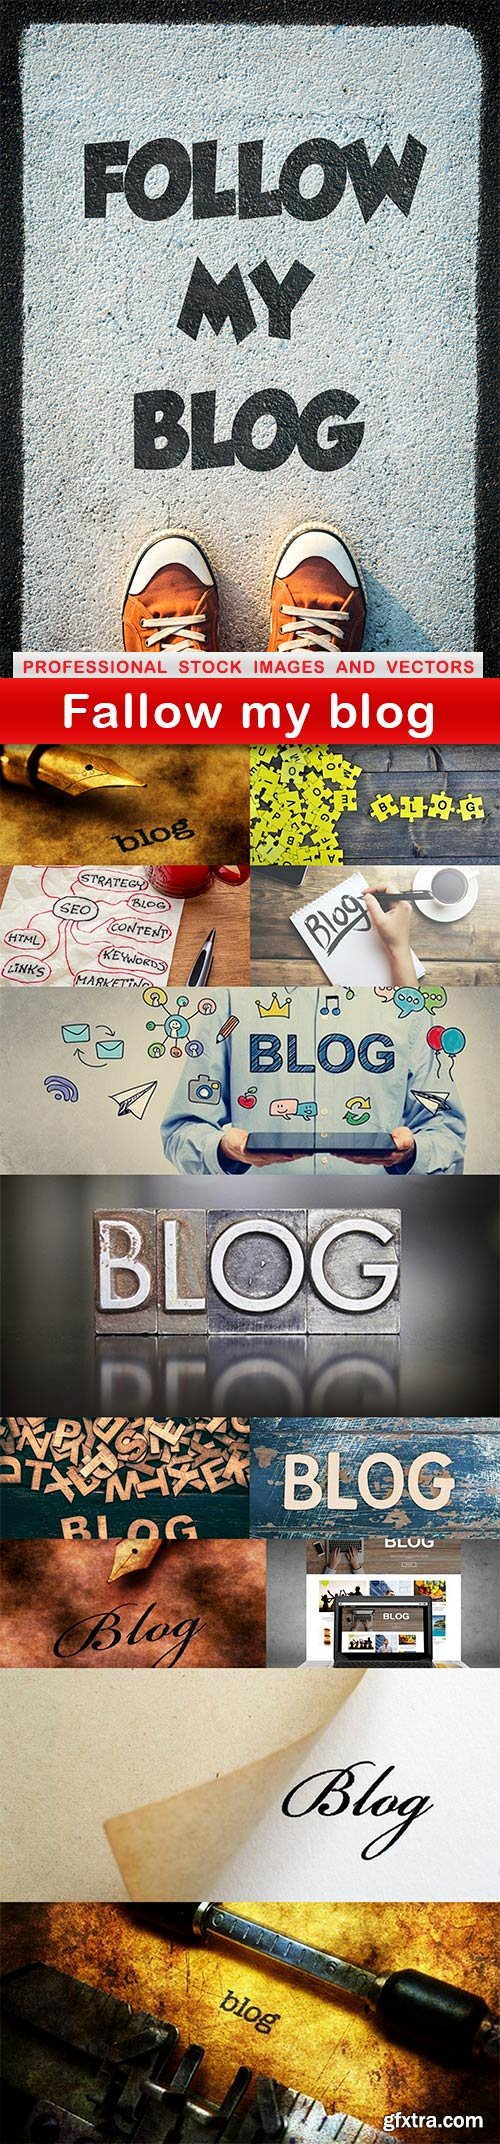 Fallow my blog - 13 UHQ JPEG